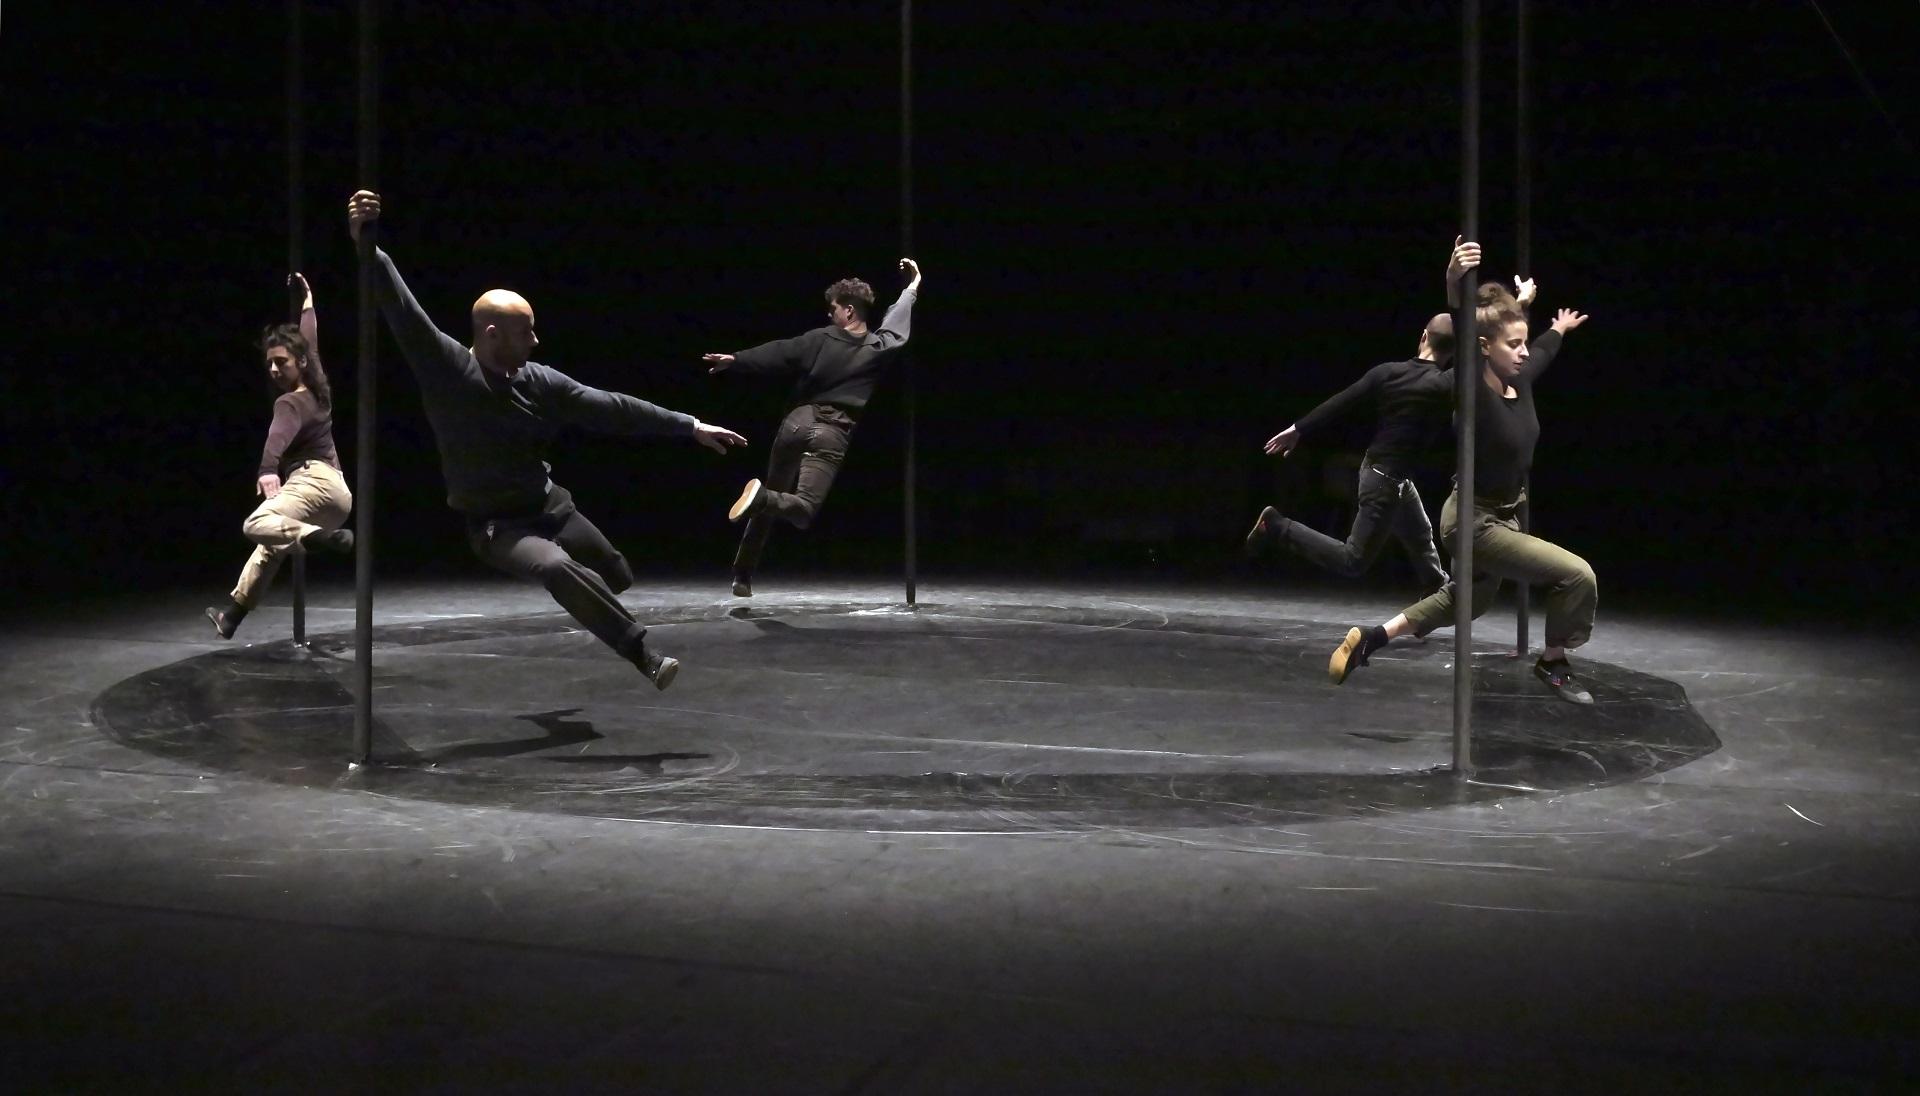 Saltimbanques et nomades, cinq circassiens perpétuent les rituels de déplacement qui occupent l'humanité depuis toujours. Ce spectacle est proposé par le théâtre d'Arles.